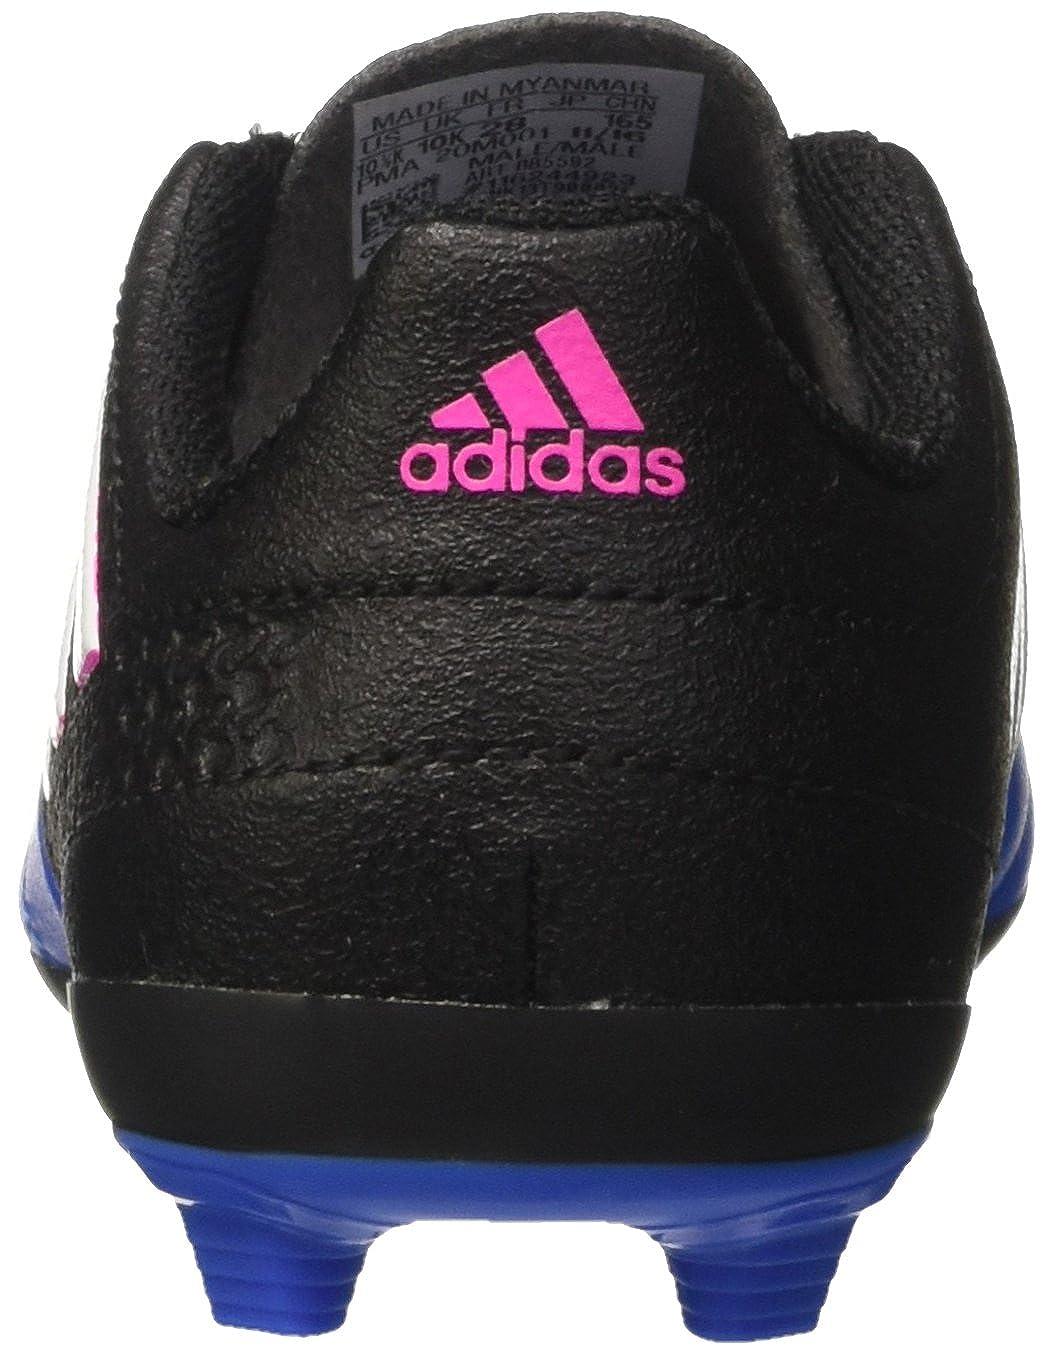 best service 532f6 418b1 adidas Ace 17.4 FxG J Chaussures de Futsal Mixte Enfant Amazon.fr  Chaussures et Sacs